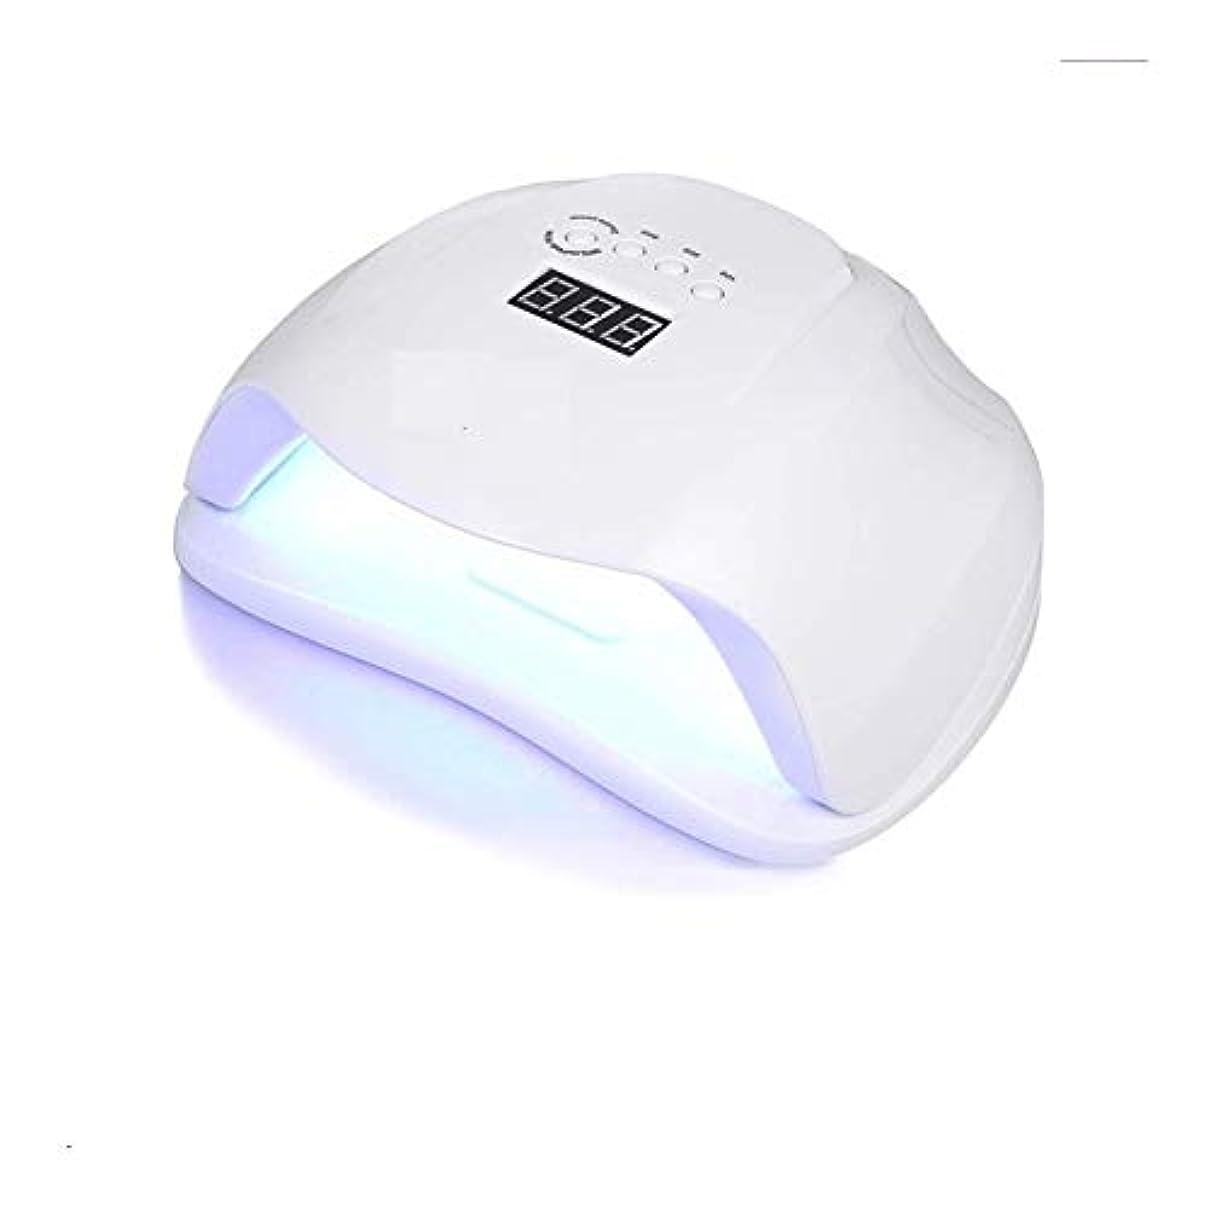 無一文簡略化する慎重にLittleCat UV誘導機械知能主導54W UVランプネイルヒートランプツールネイル (色 : American standard flat plug)